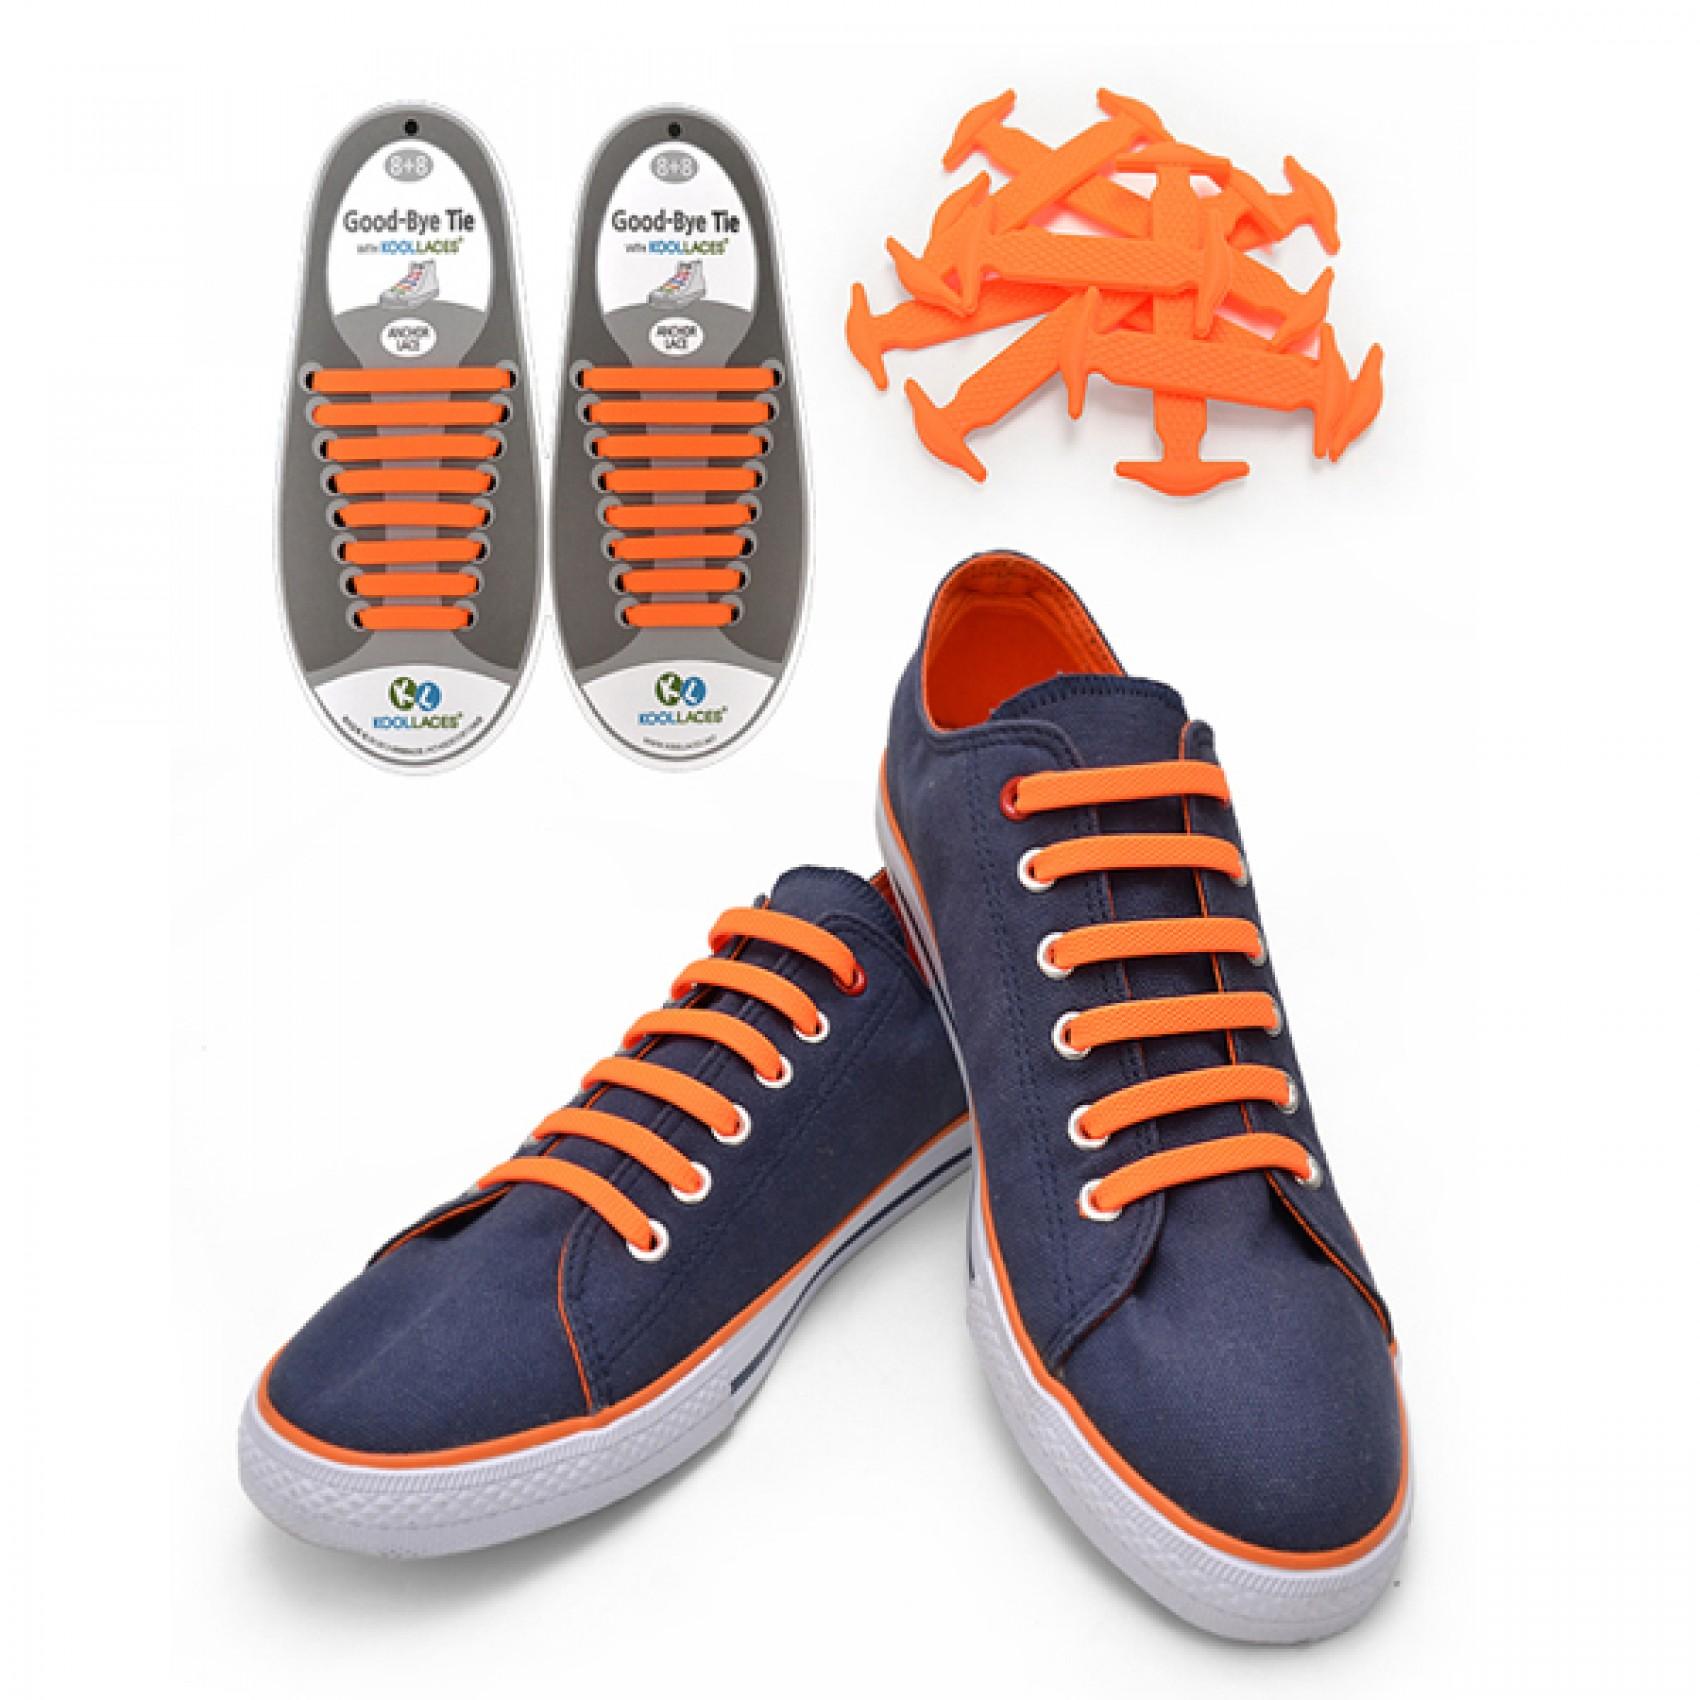 shoelaces no tie photo - 1